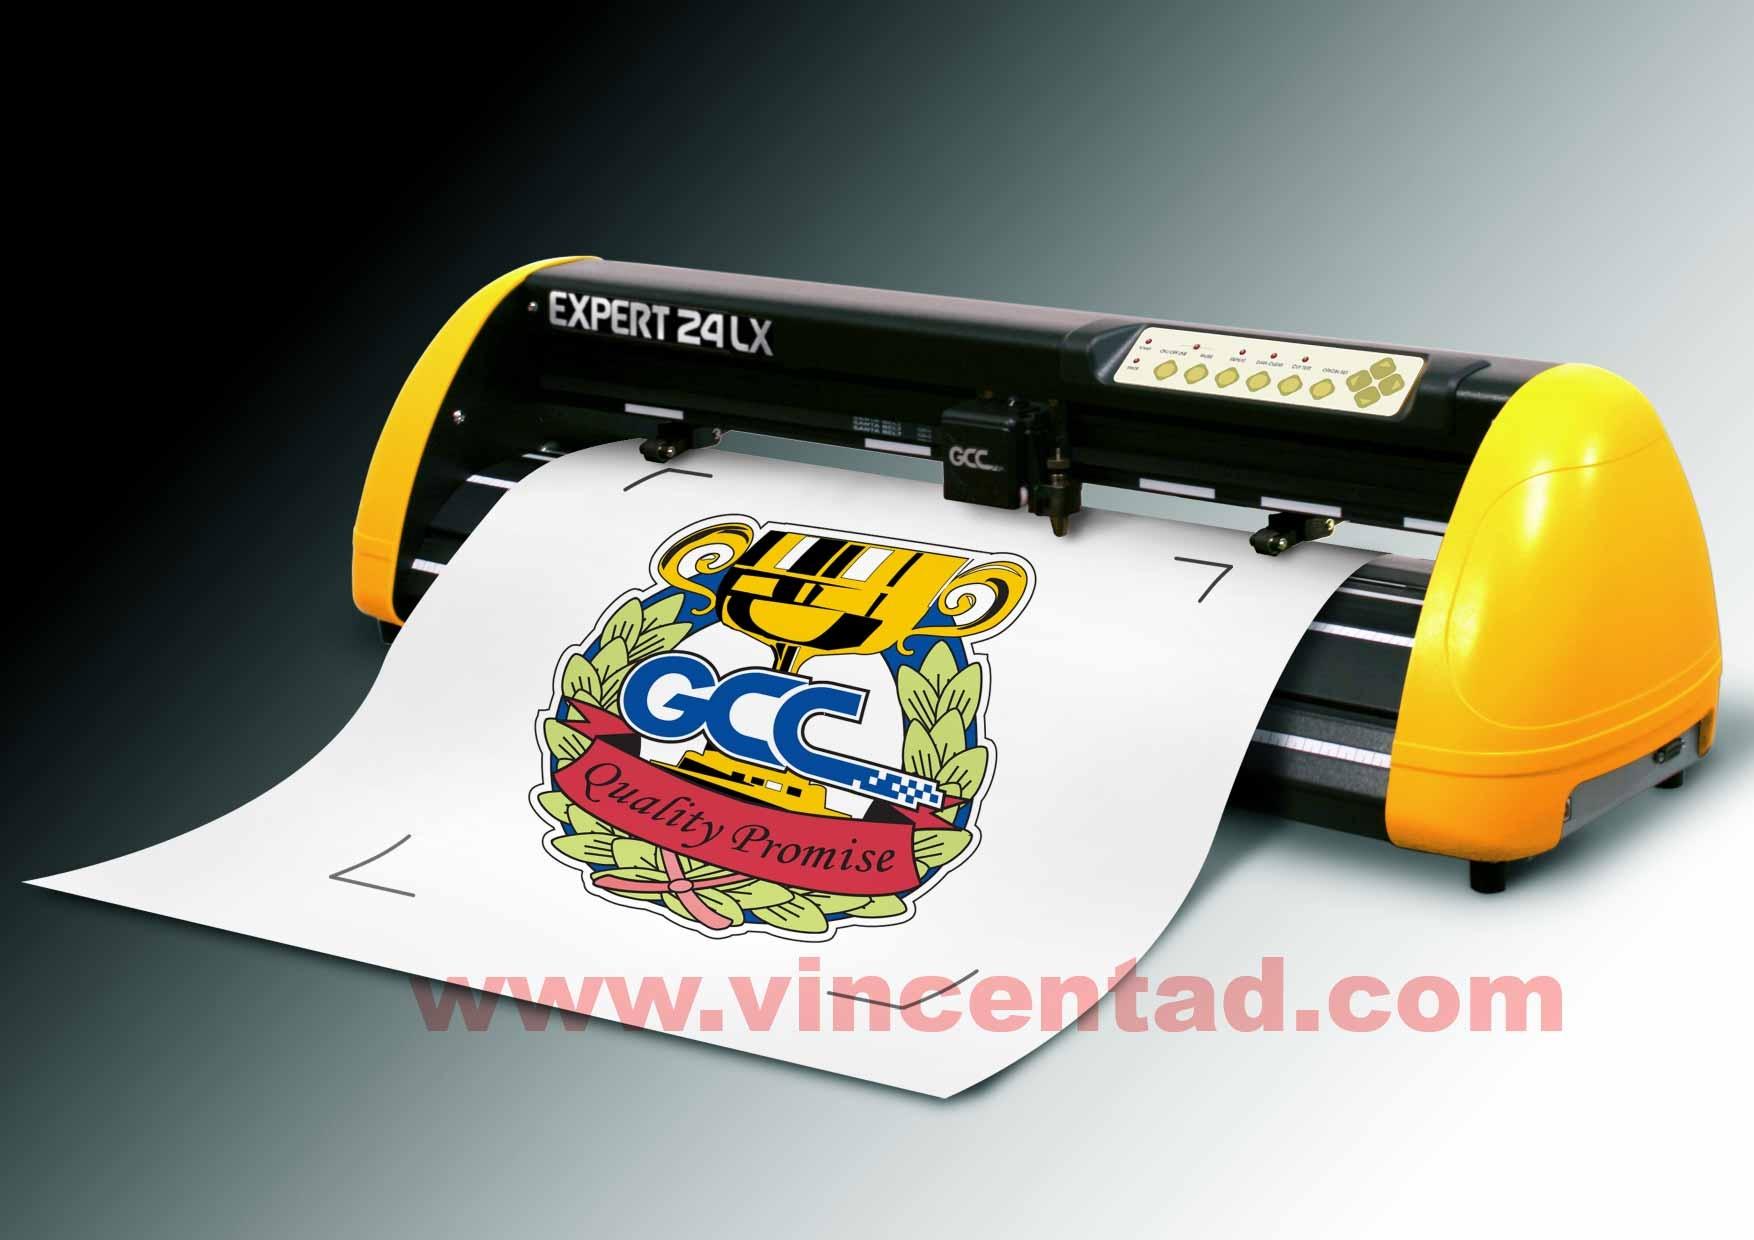 jaguar sticker cutting machine price